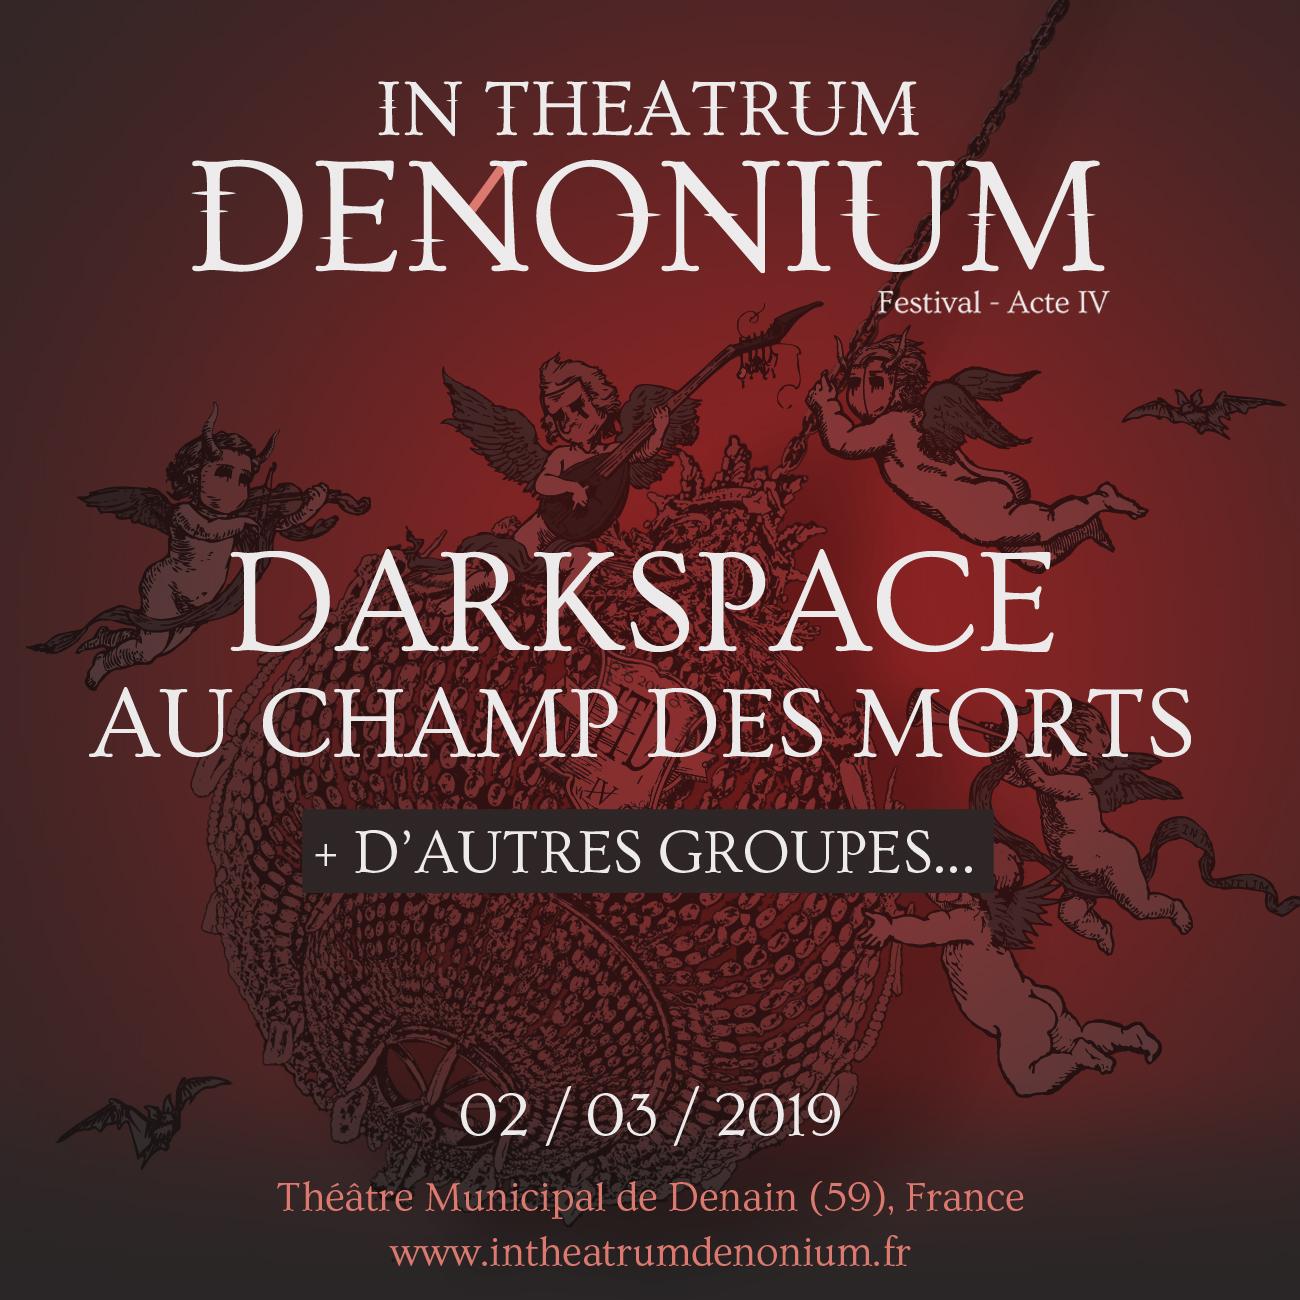 intheatrumdenonium-affiche